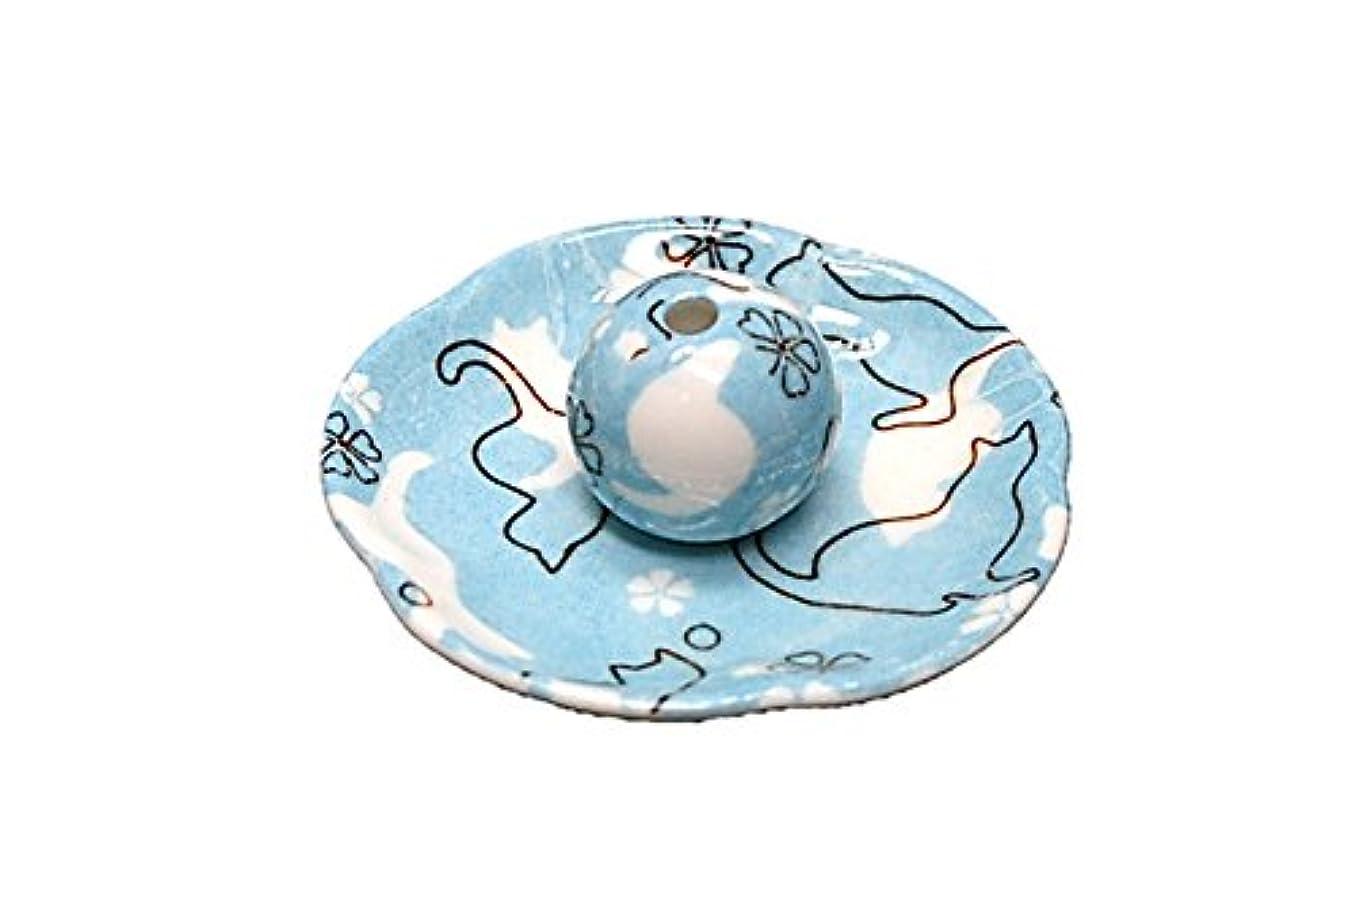 抱擁ハミングバード湿ったねこランド ブルー 花形香皿 お香立て ネコ 猫 ACSWEBSHOPオリジナル